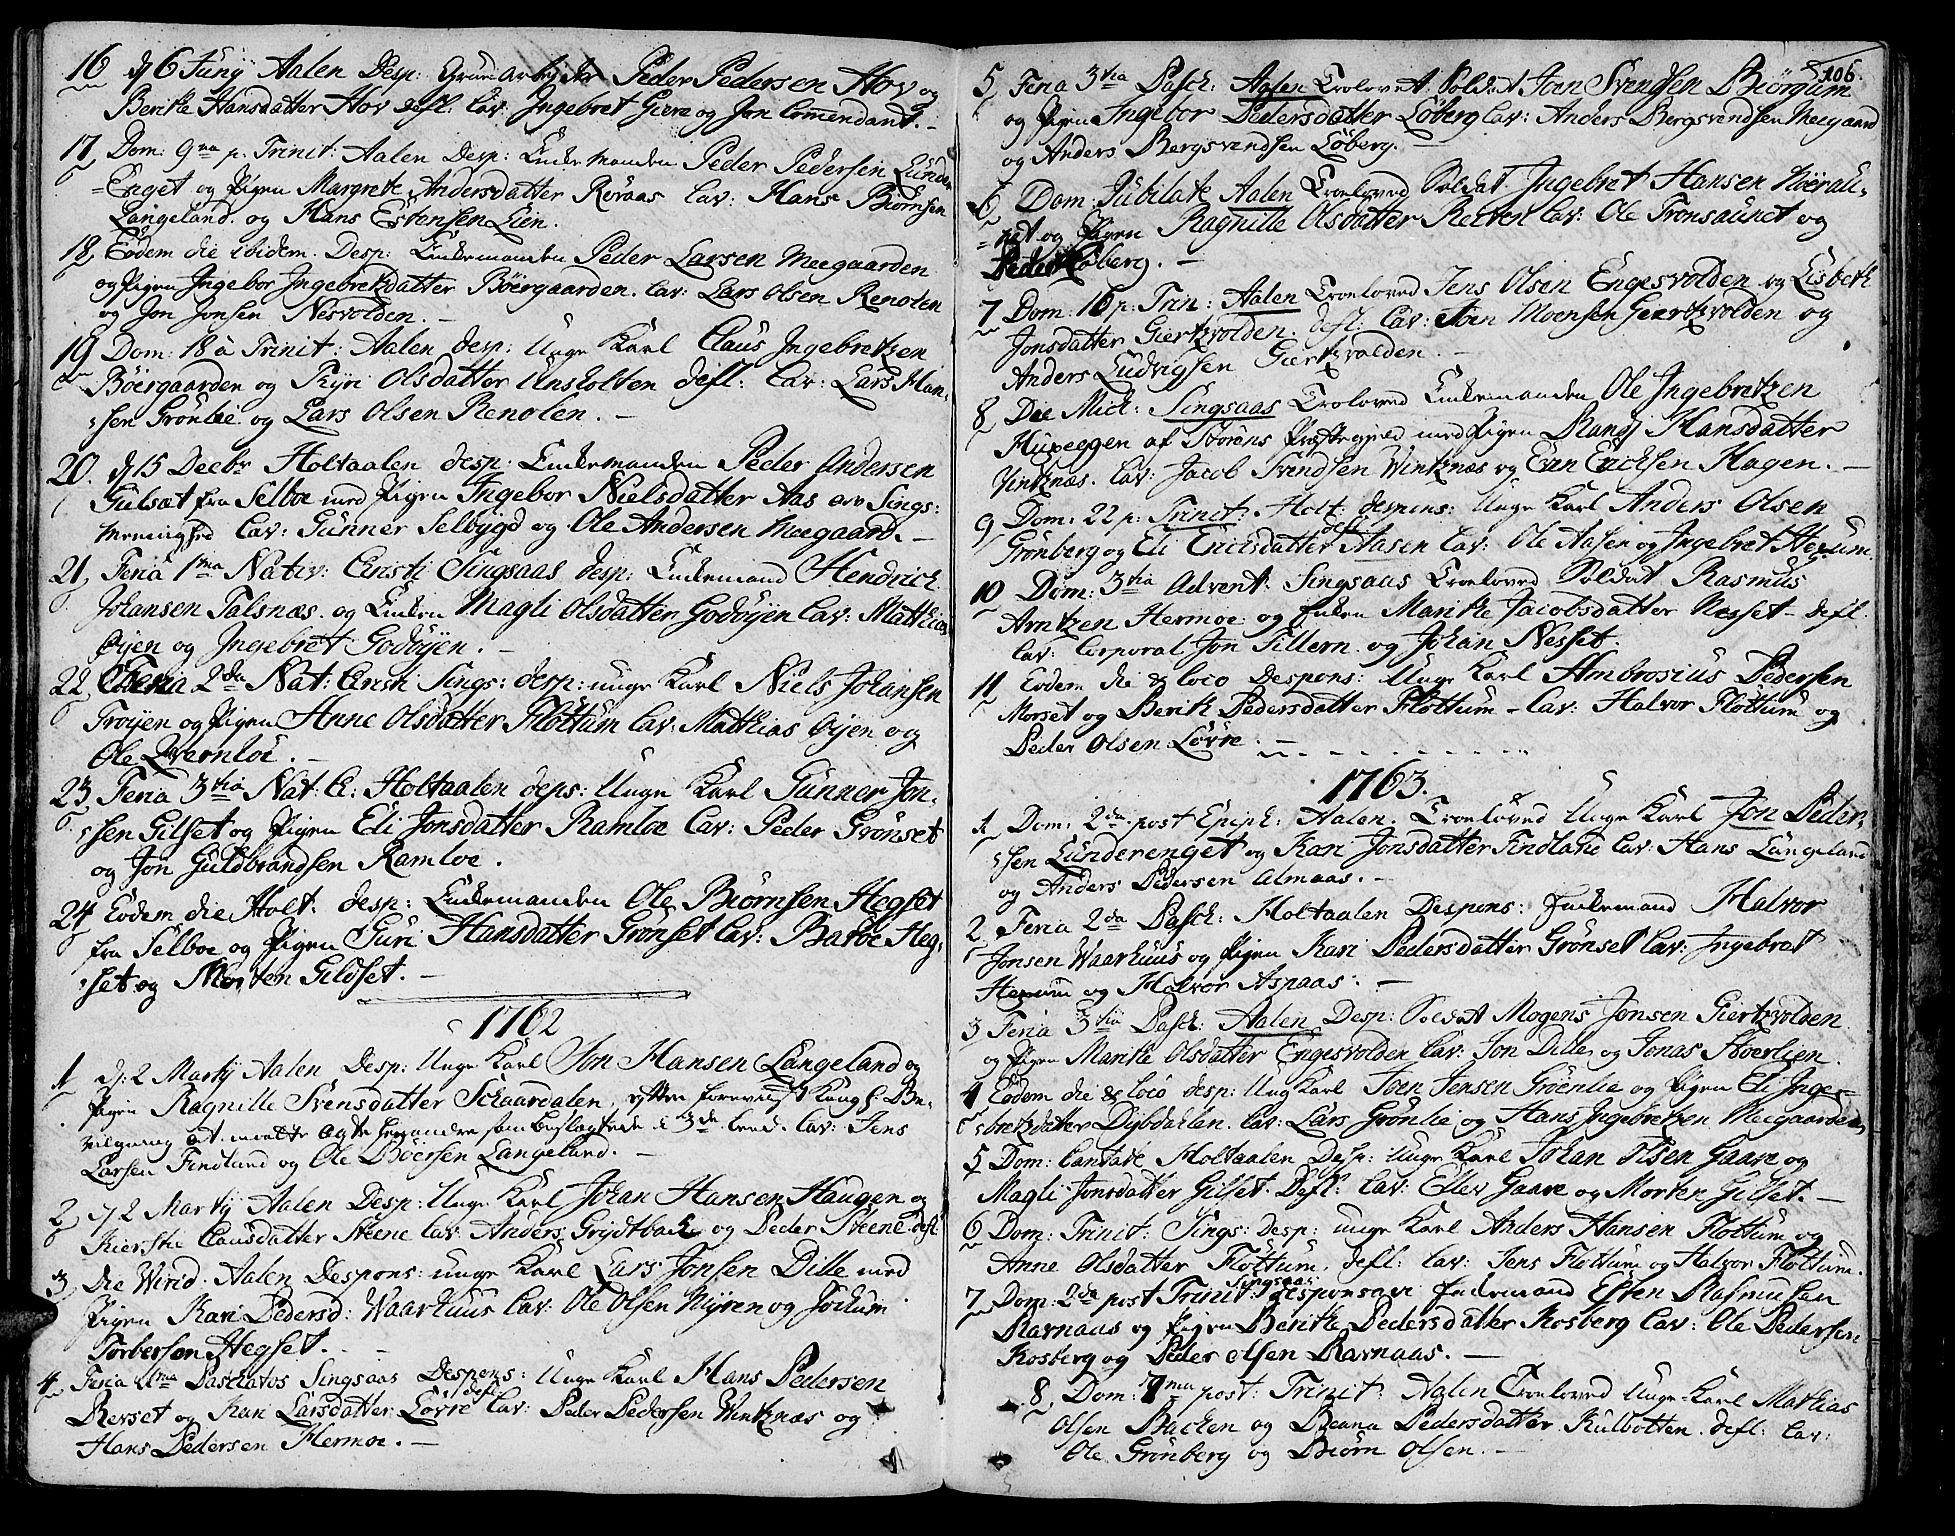 SAT, Ministerialprotokoller, klokkerbøker og fødselsregistre - Sør-Trøndelag, 685/L0952: Ministerialbok nr. 685A01, 1745-1804, s. 106